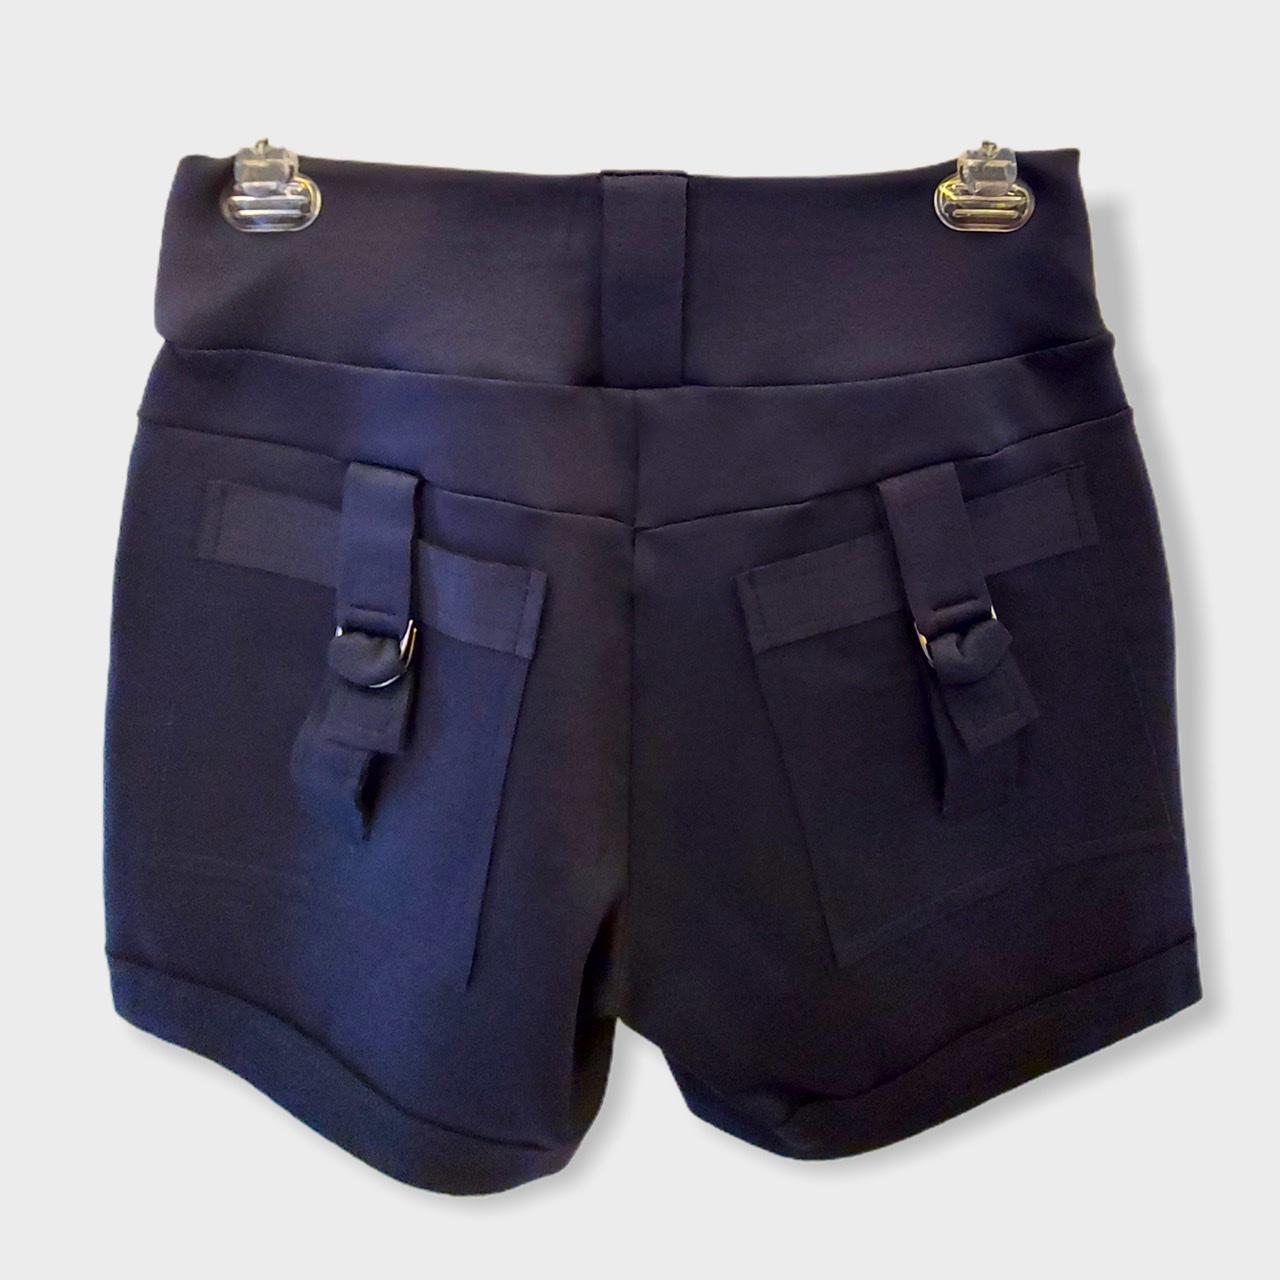 Short marinho com detalhe bolso   - Vivian Bógus